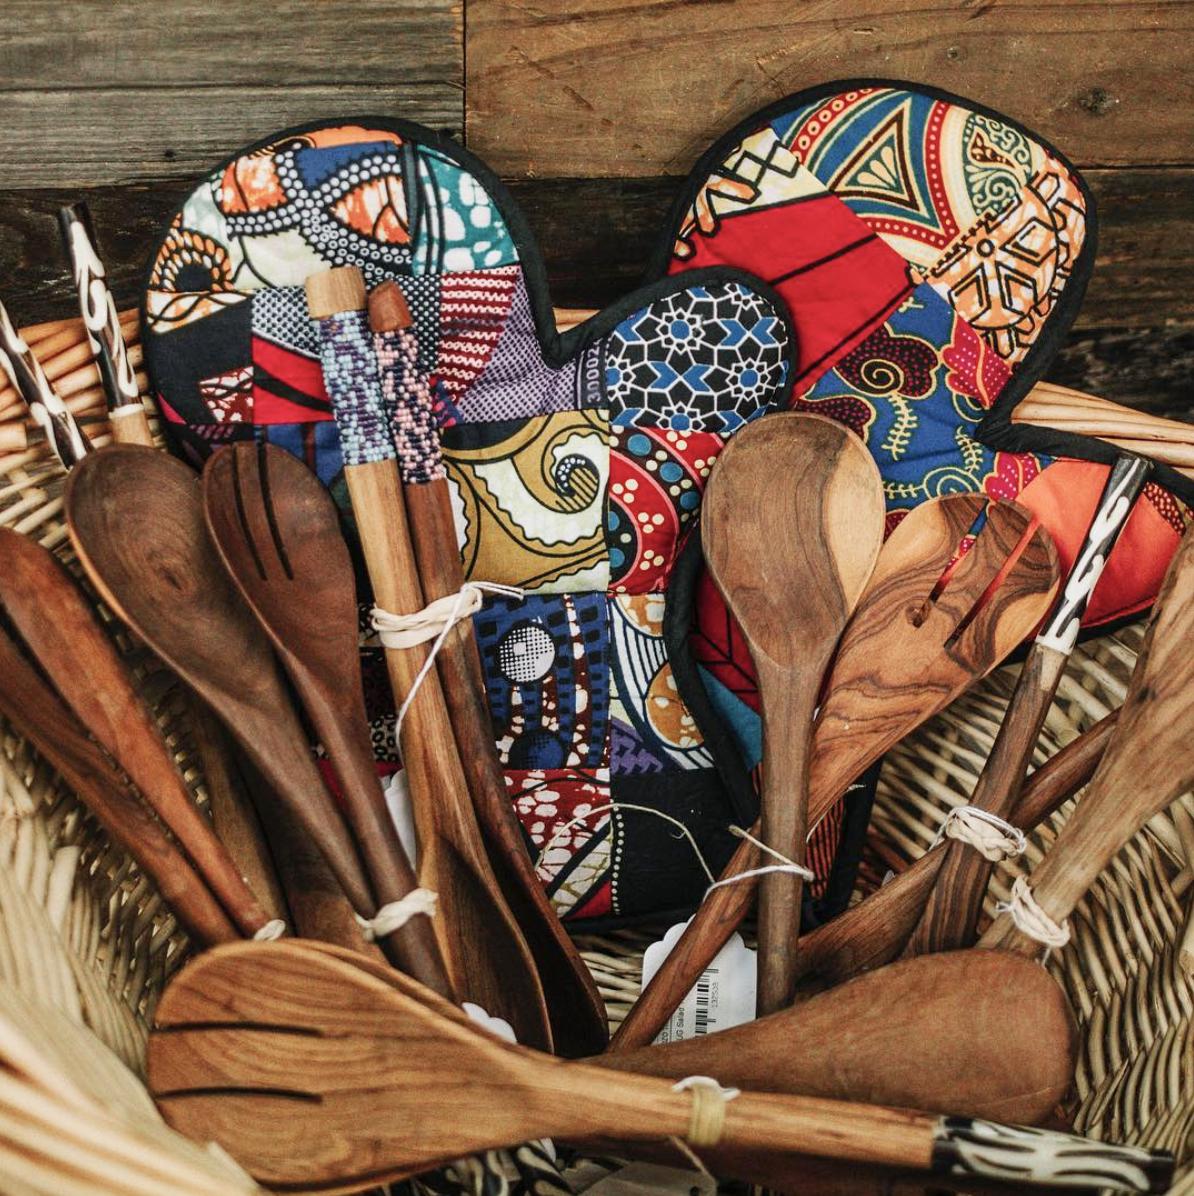 Global Handmade goods -